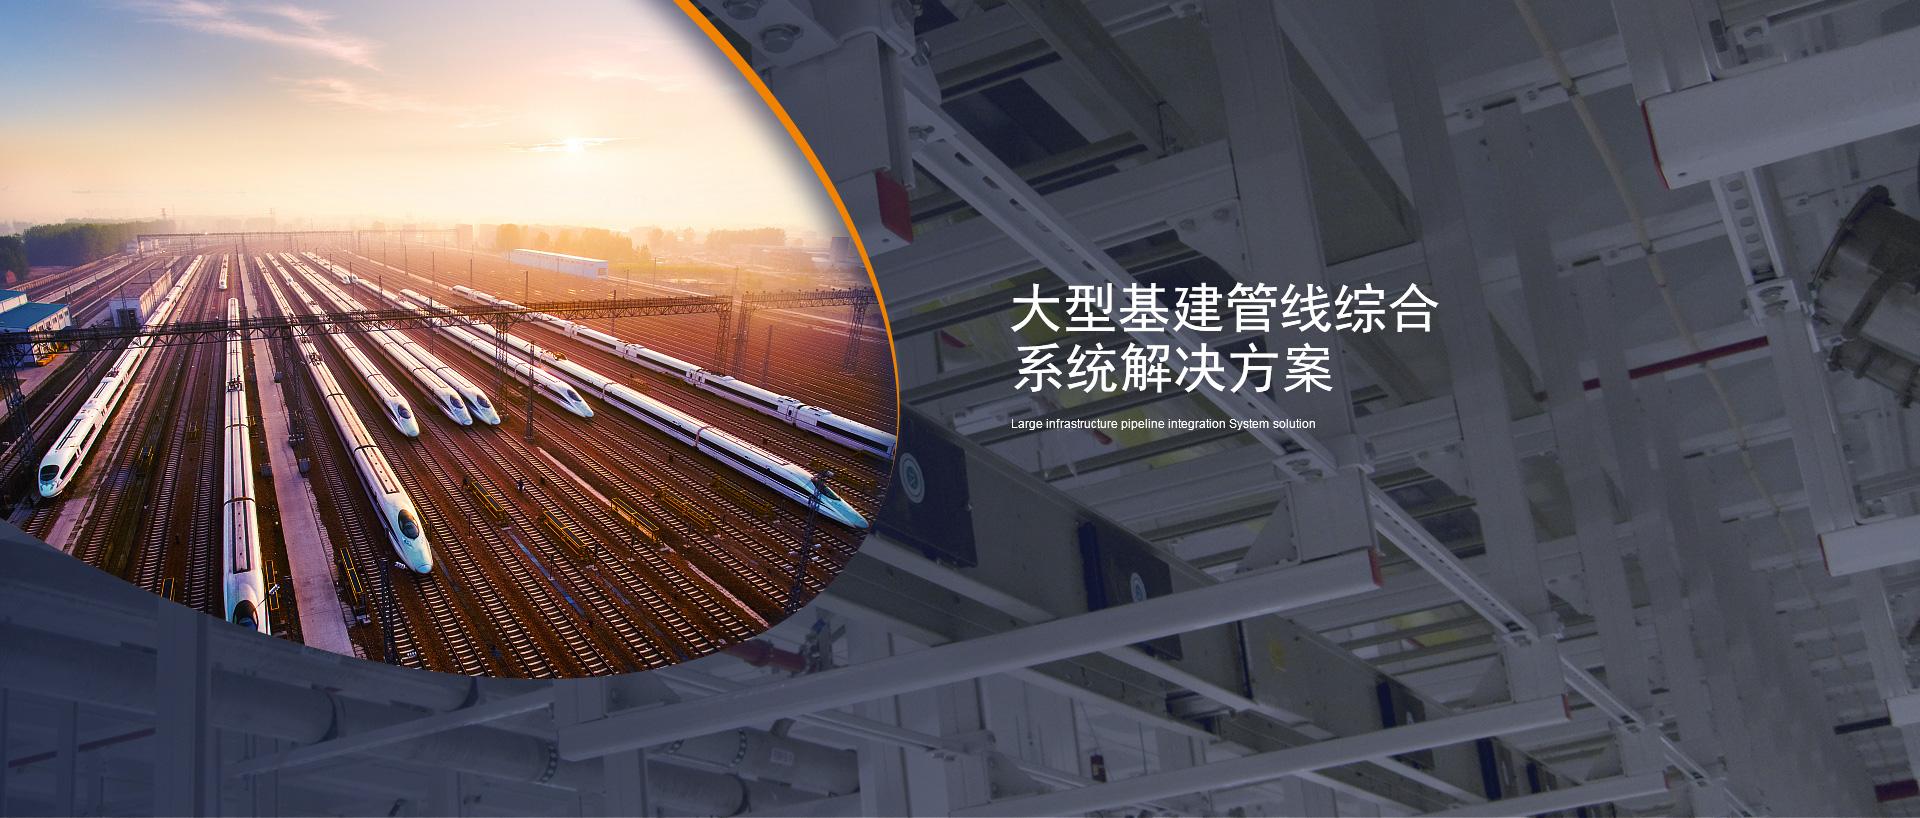 大型基建管线综合系统解决方案